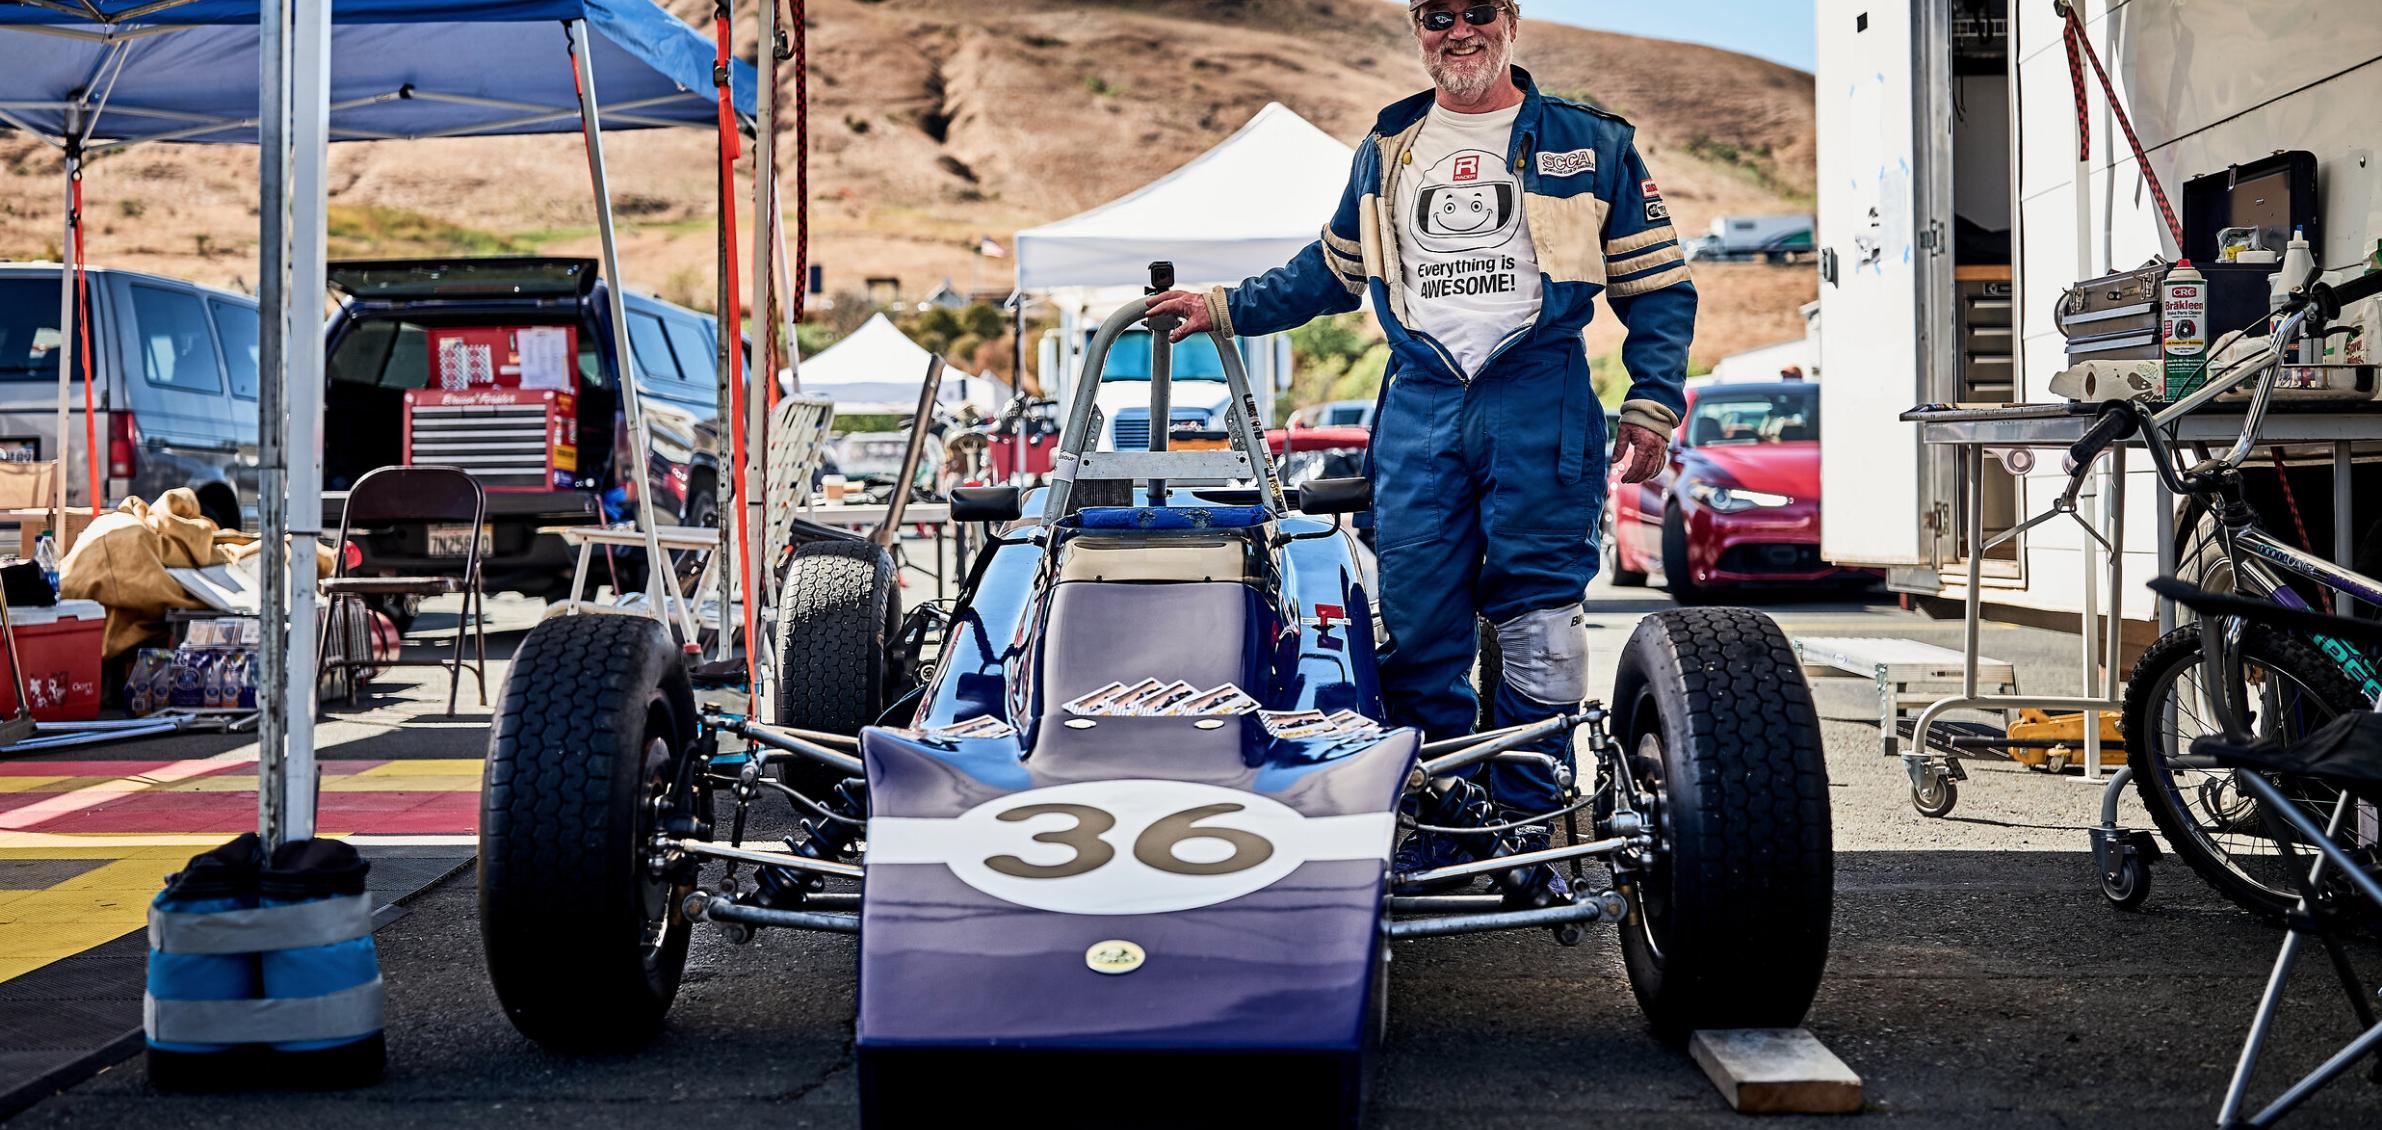 Michael Edick's Lotus 61